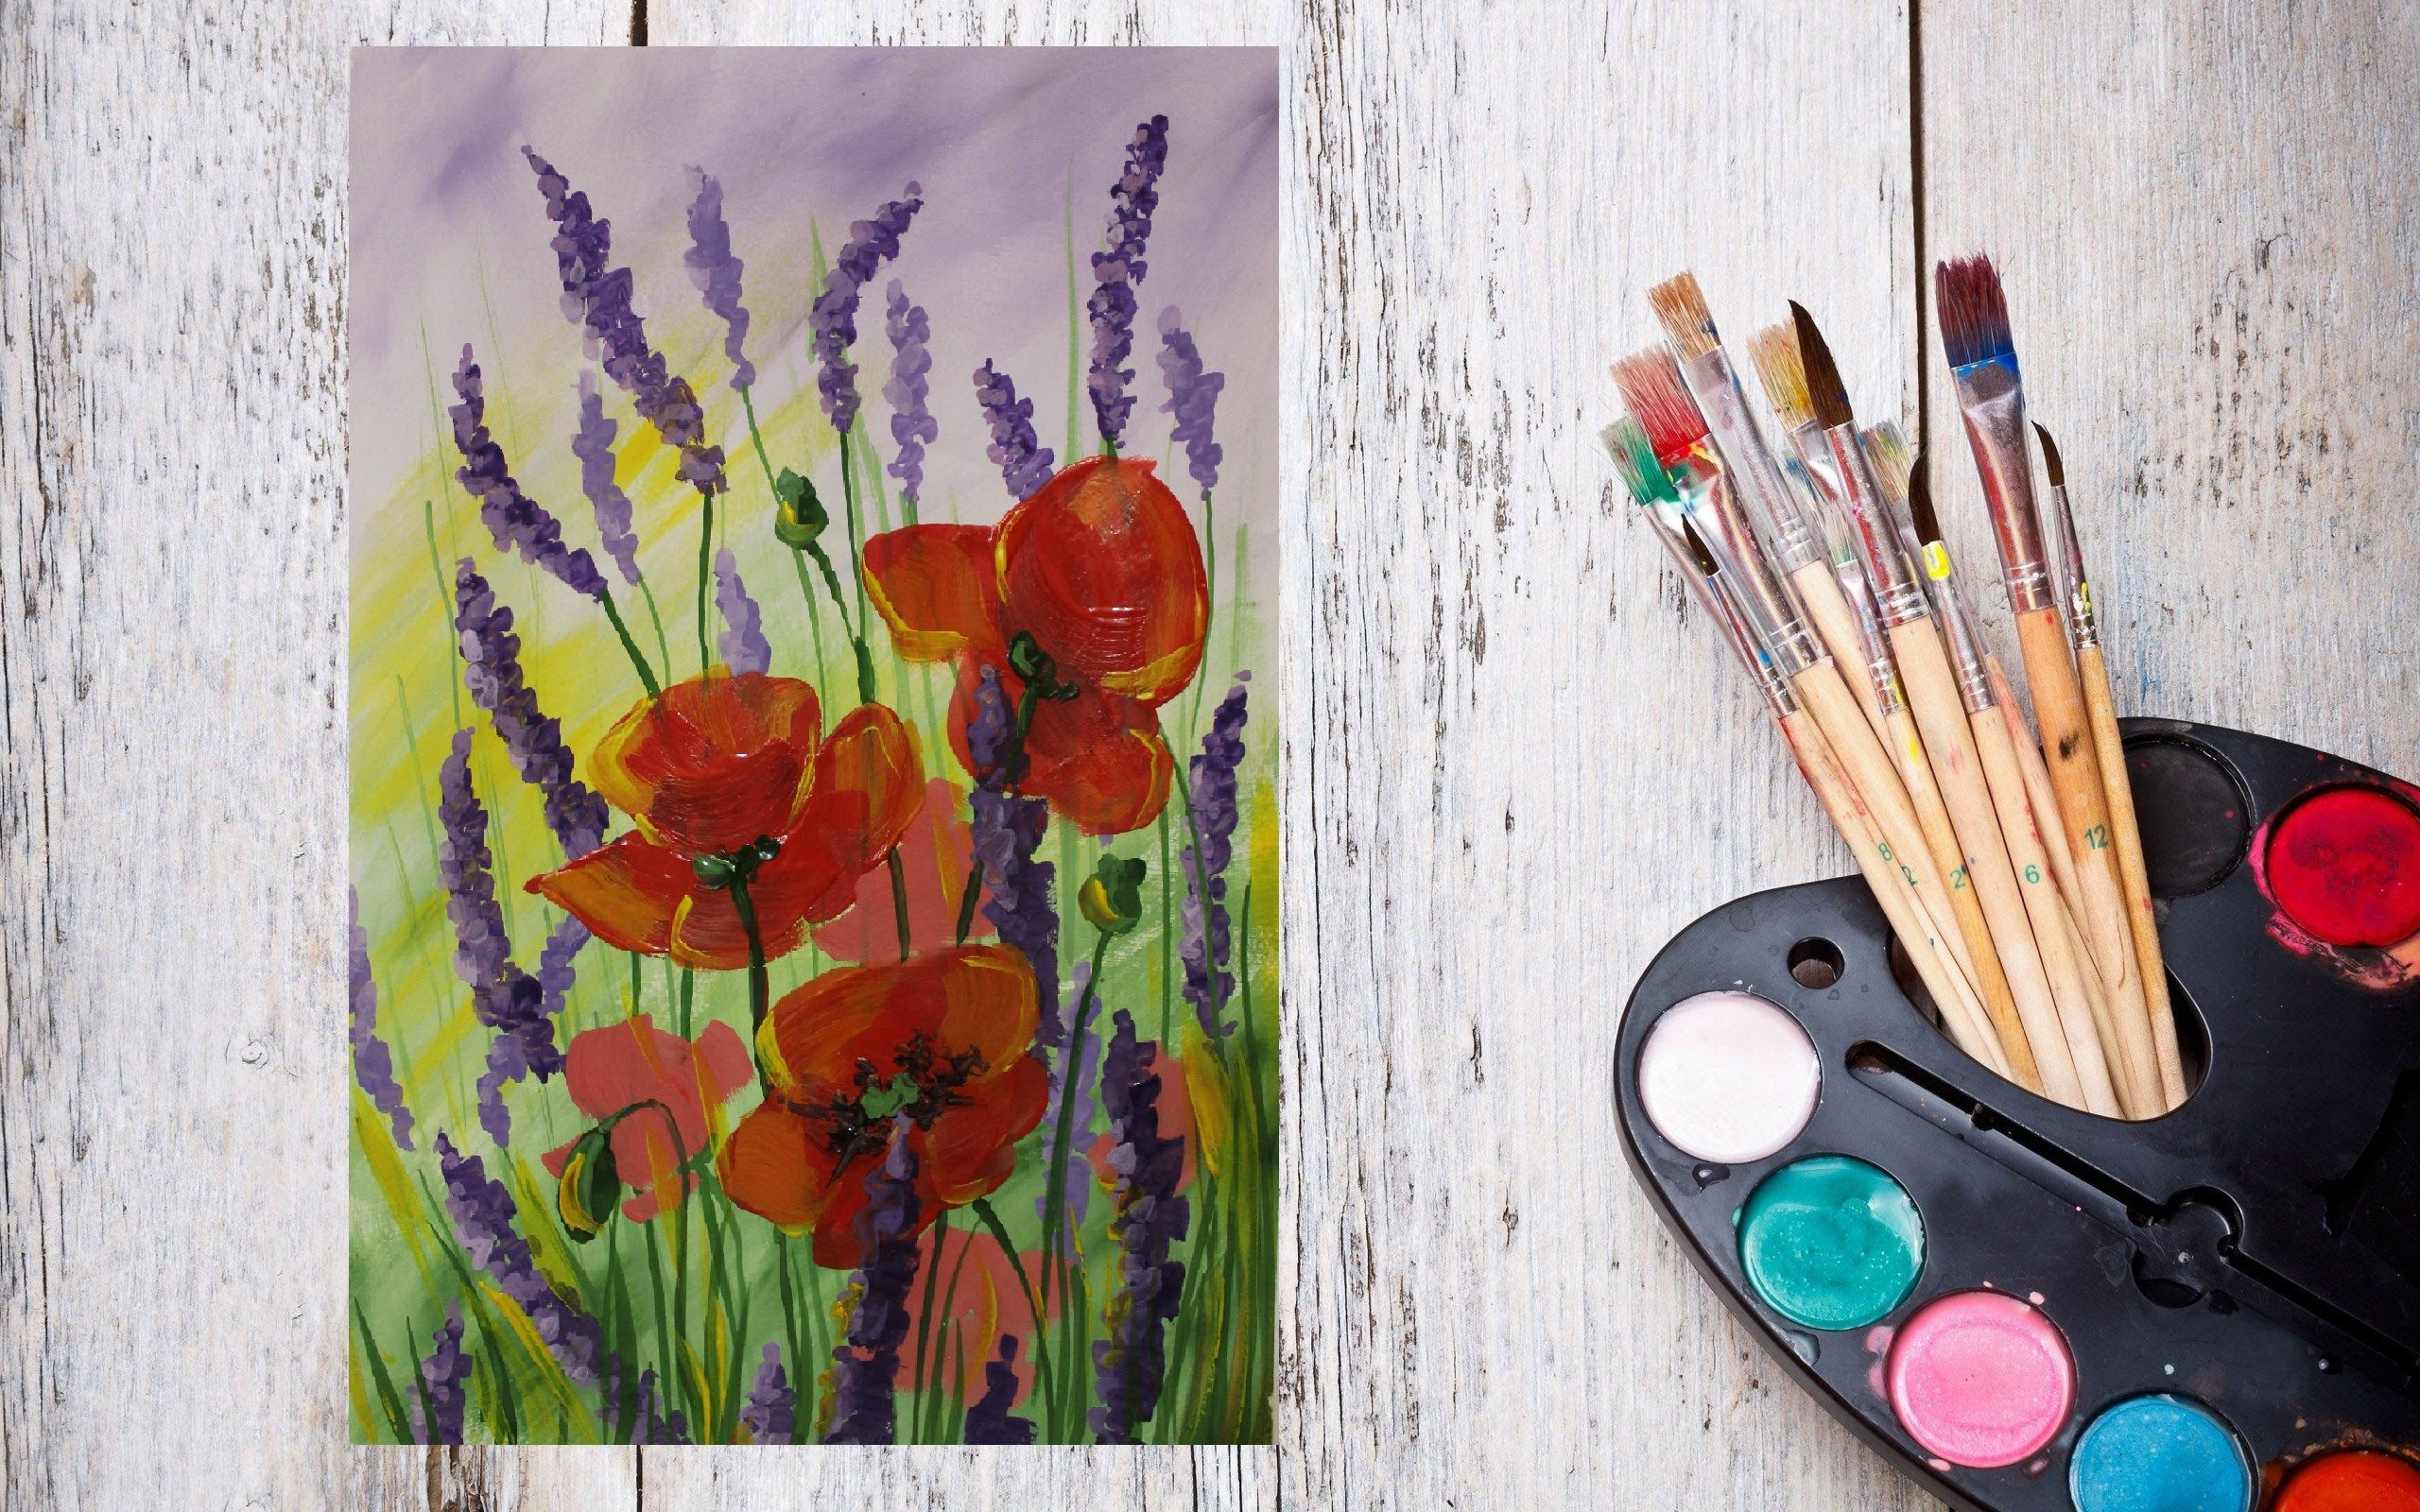 Днем, нарисовать картинку красками за 5 минут